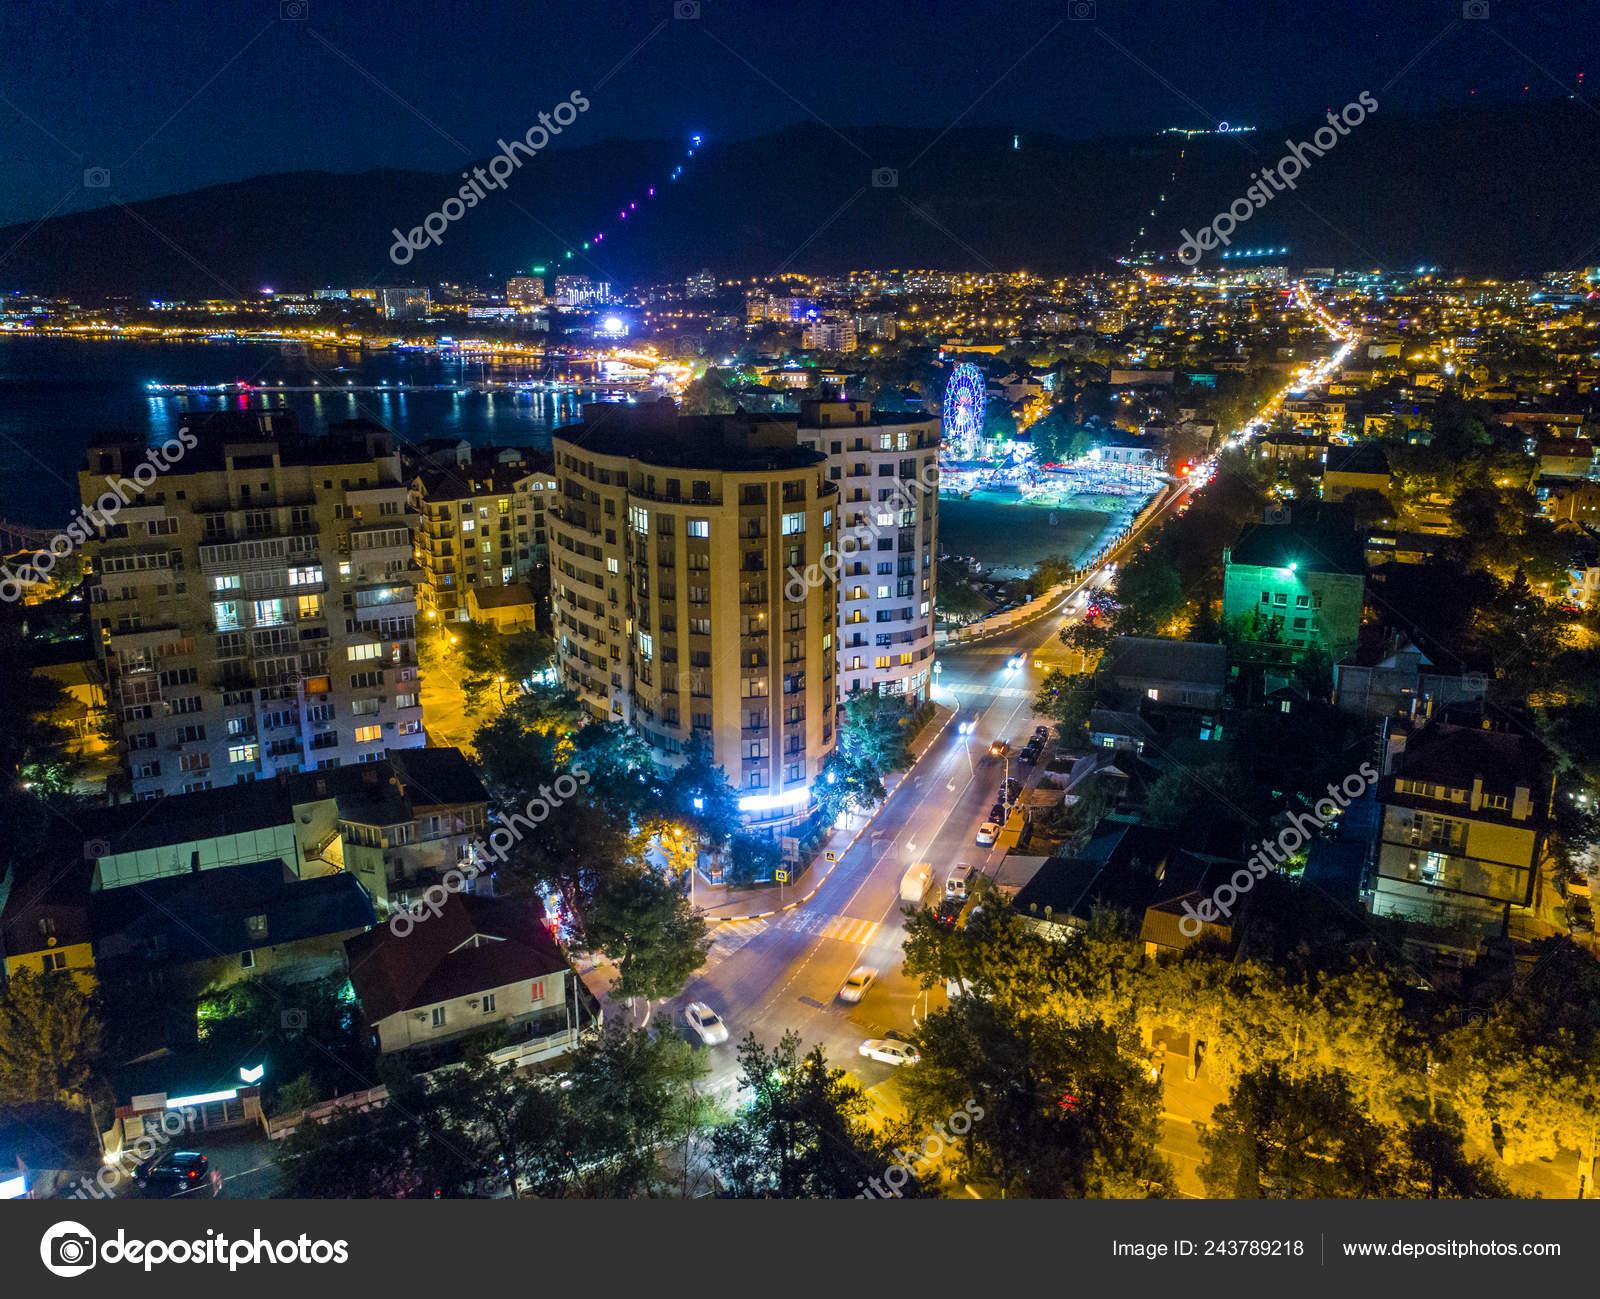 Ночной геленджик с высоты птичьего полета фото